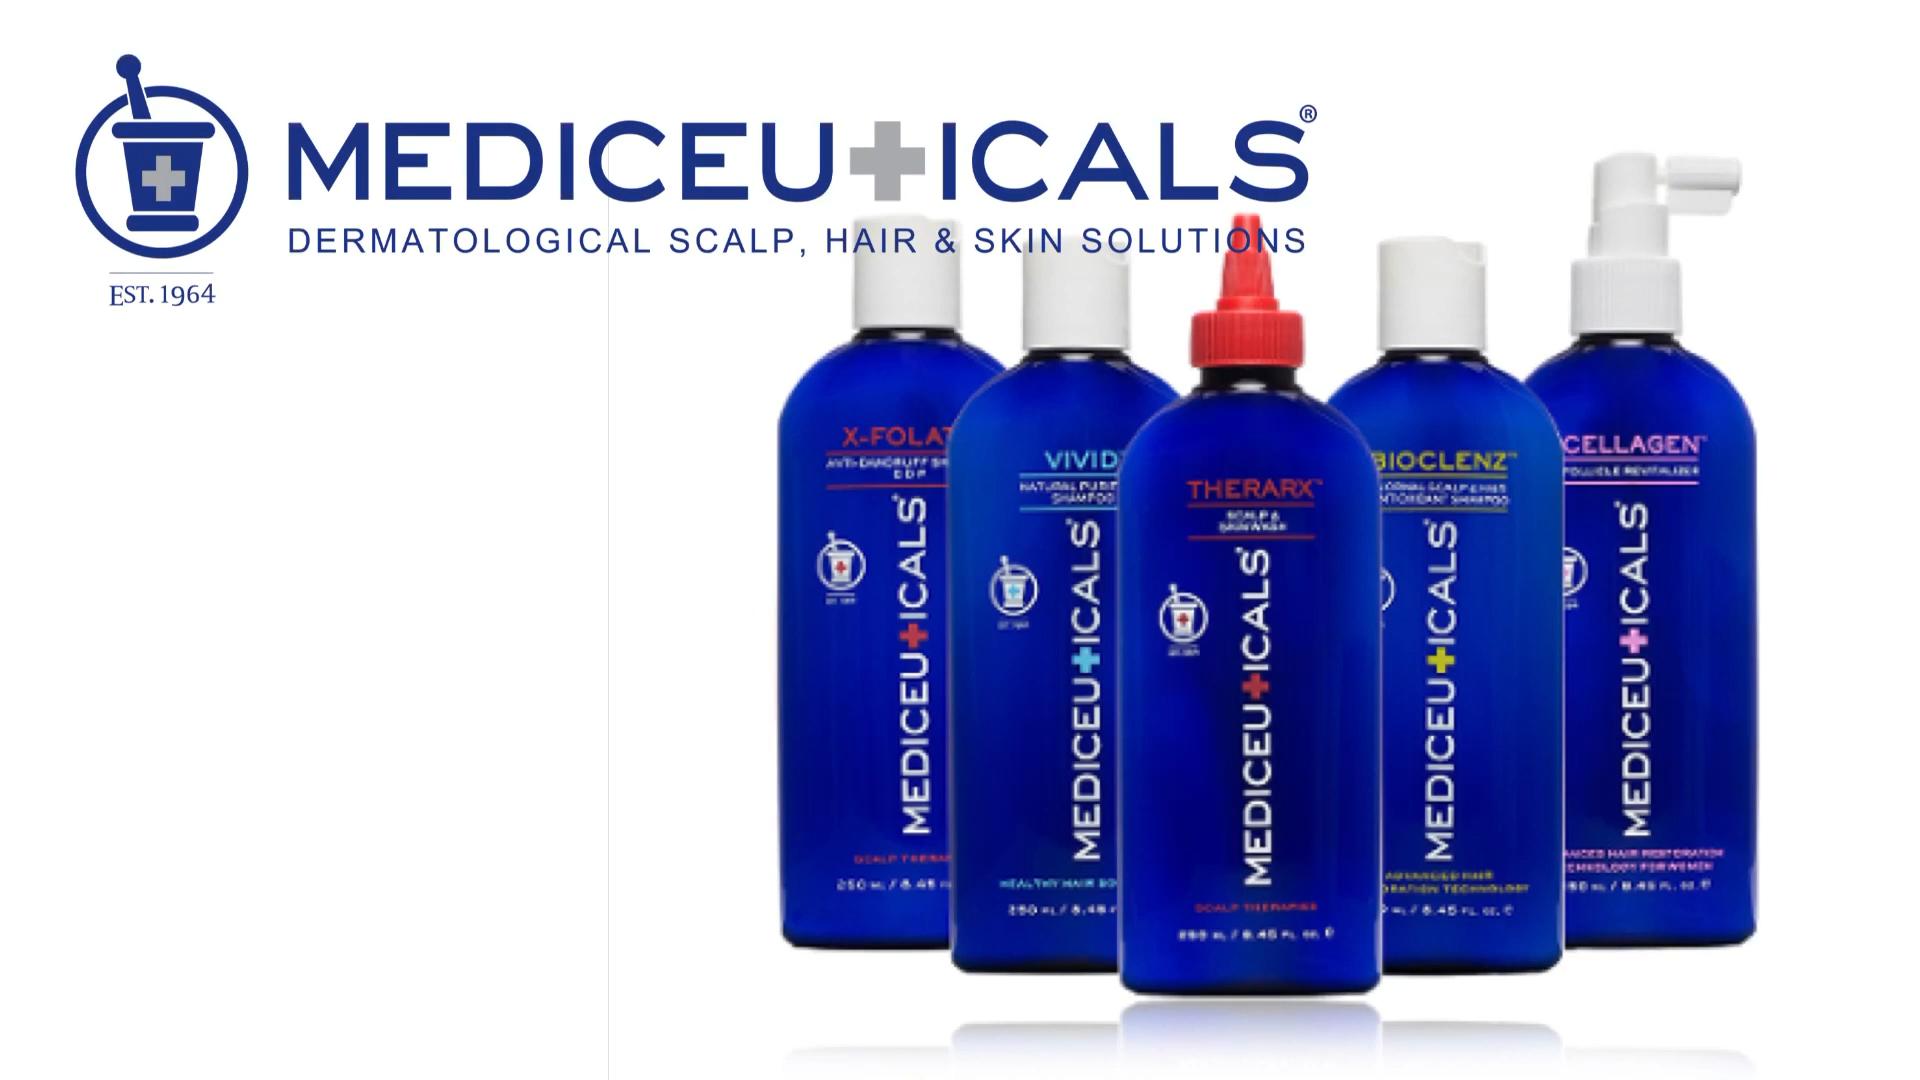 Mediceuticals haarproducten